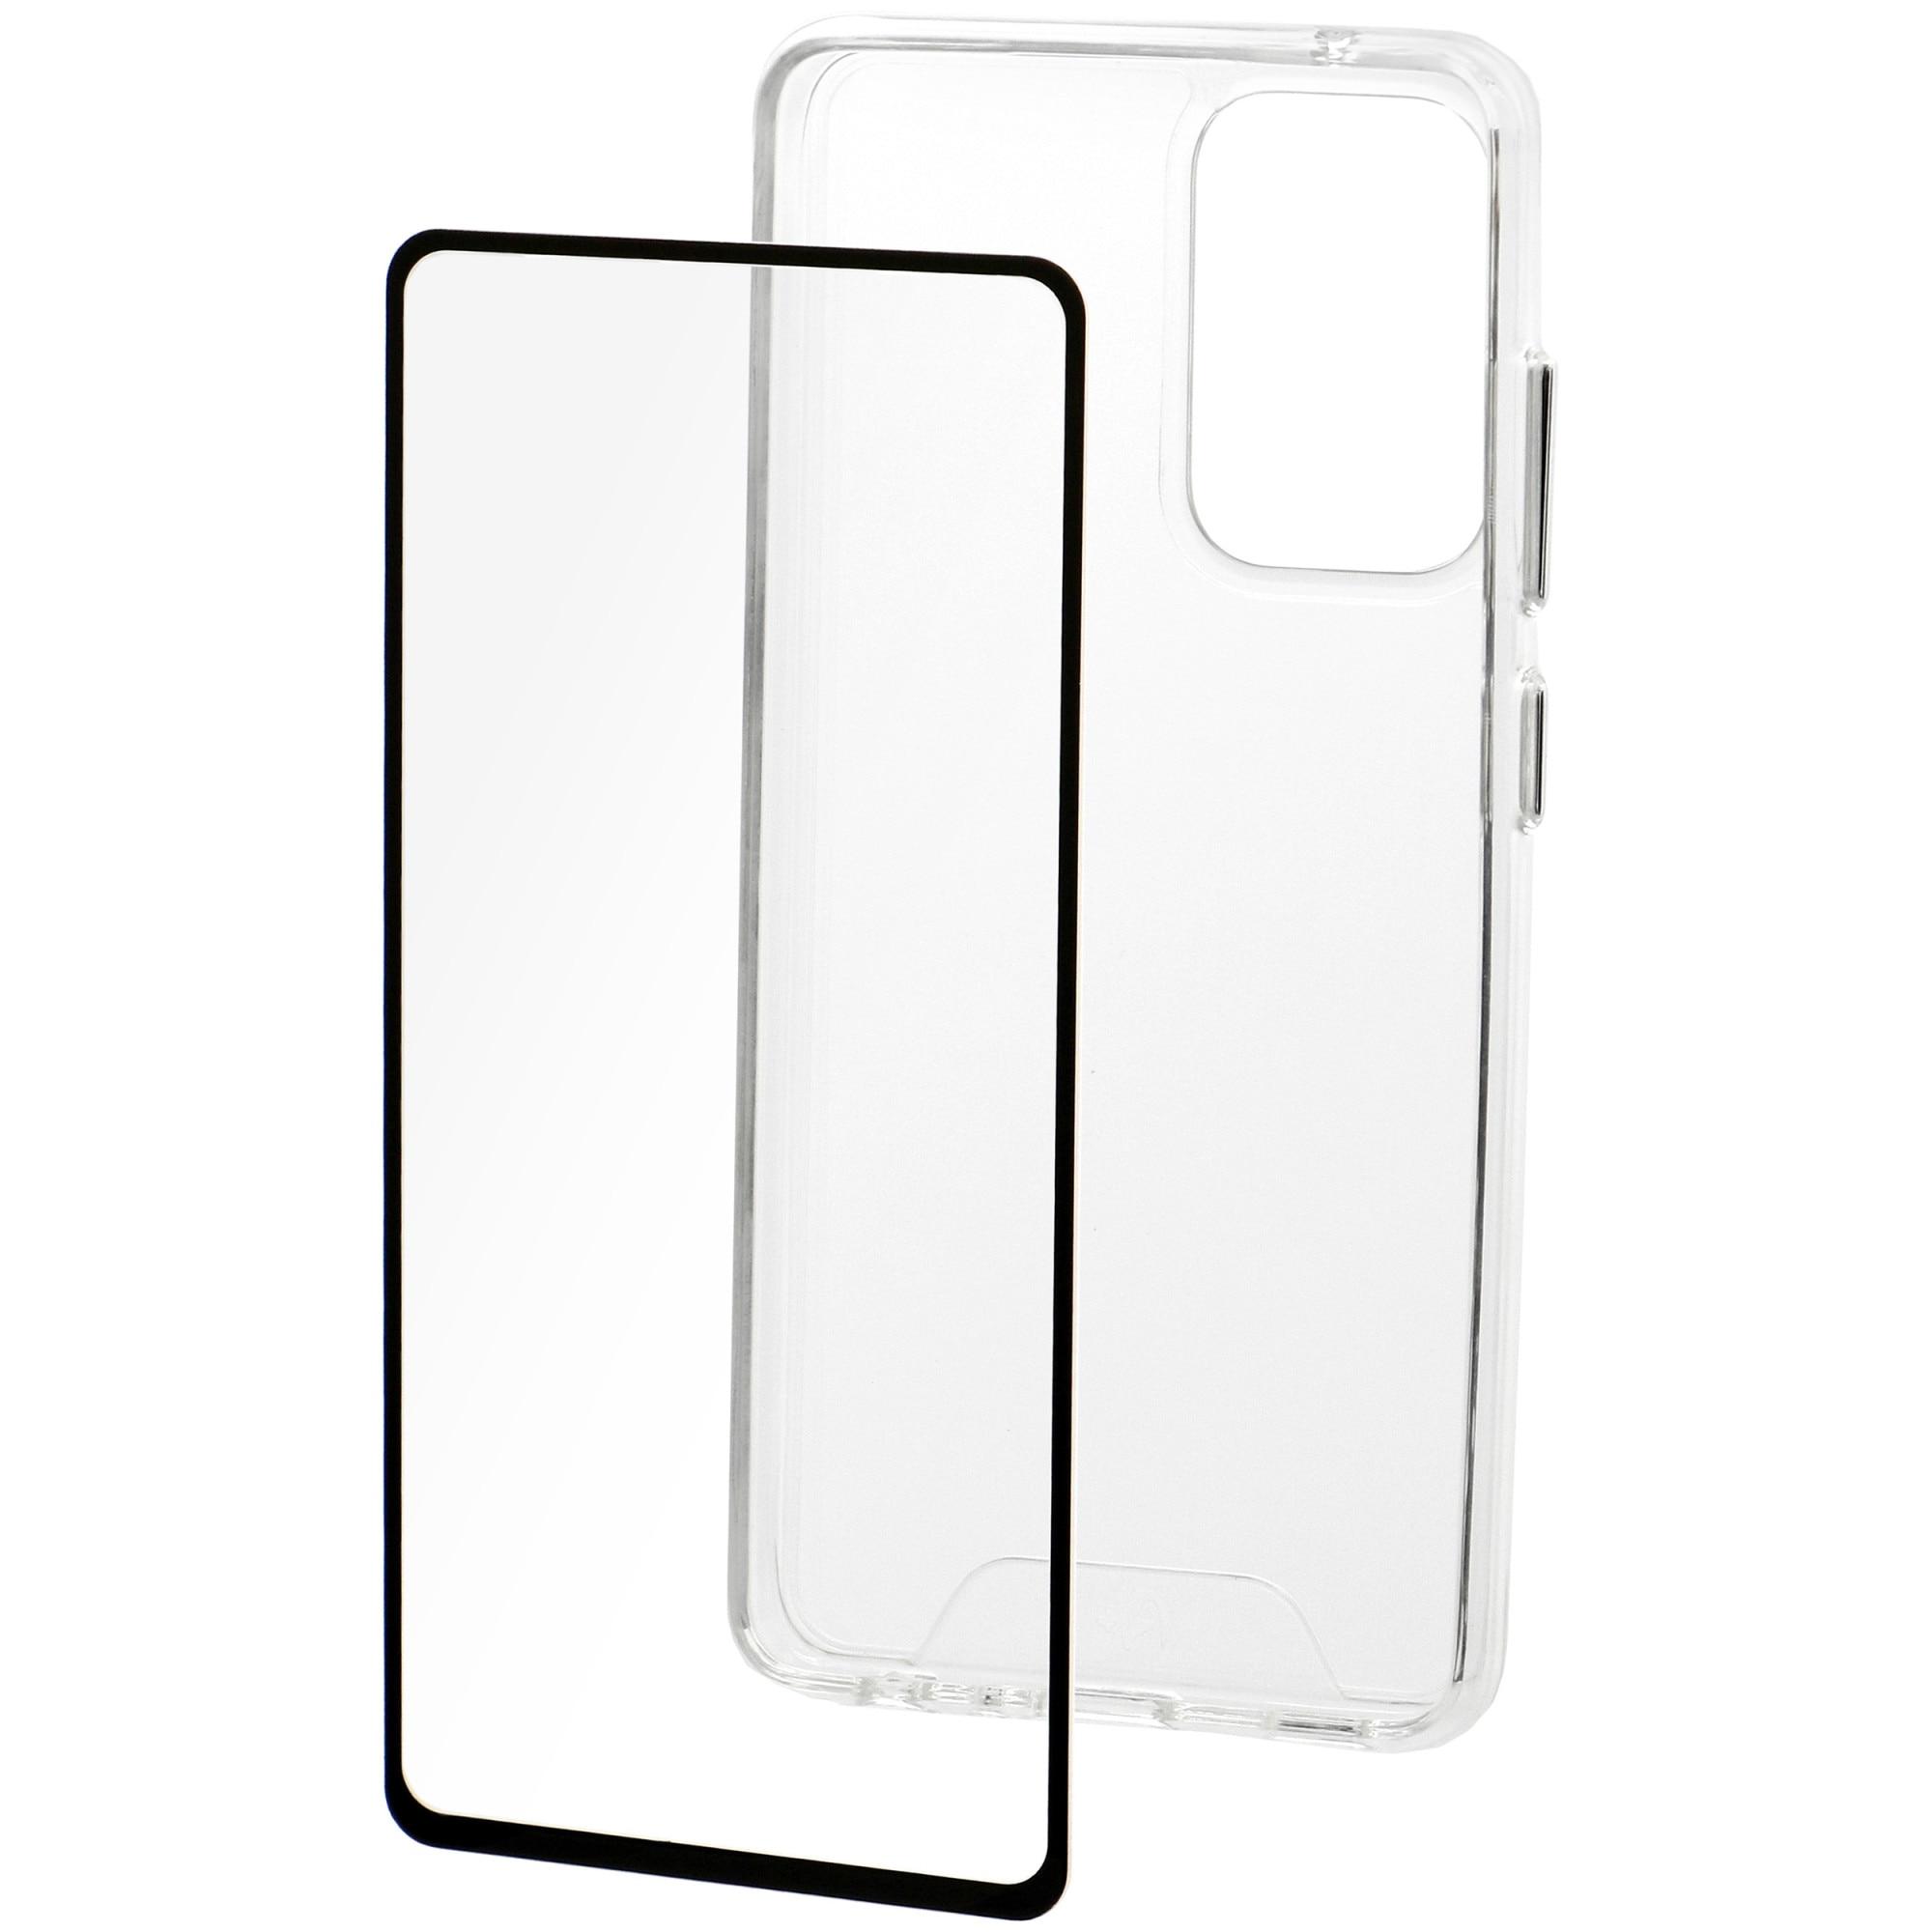 Fotografie Set Folie de protectie A+ Tempered Glass 2.5D/ Husa transparenta silicon A+ pentru Samsung A72 5G